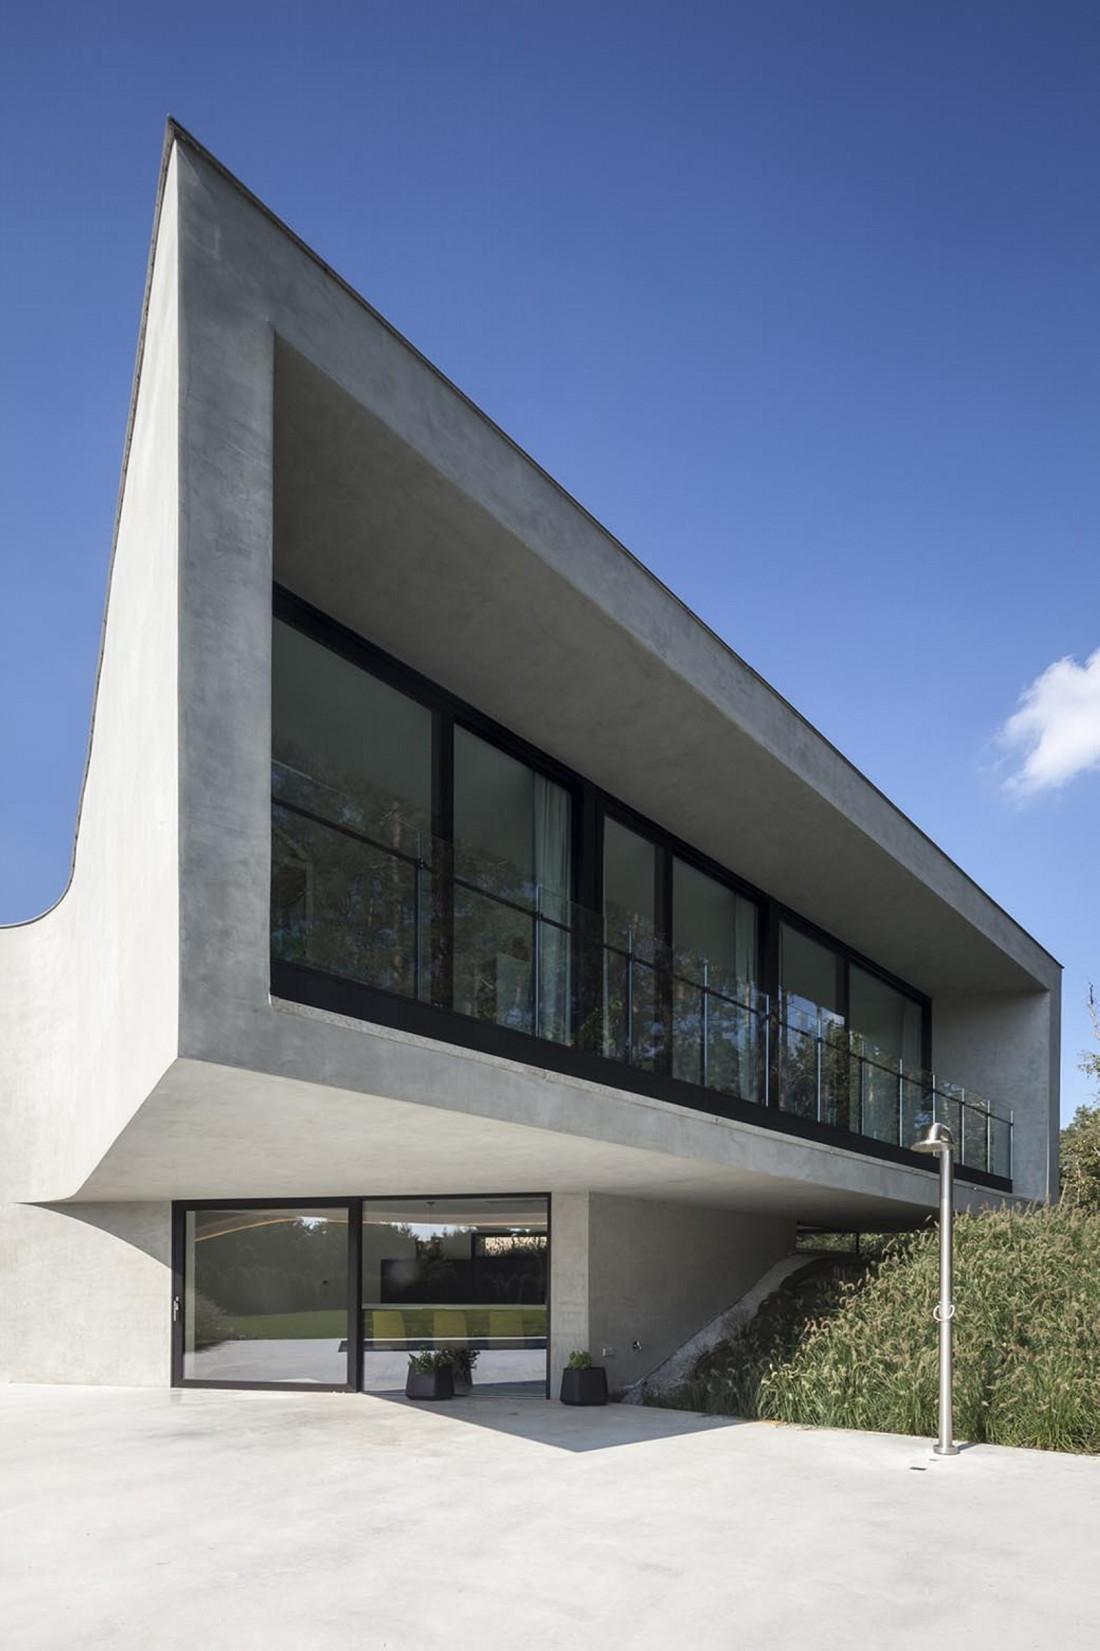 Футуристический дизайн виллы MQ в Бельгии от архитектурной студии Office O 9